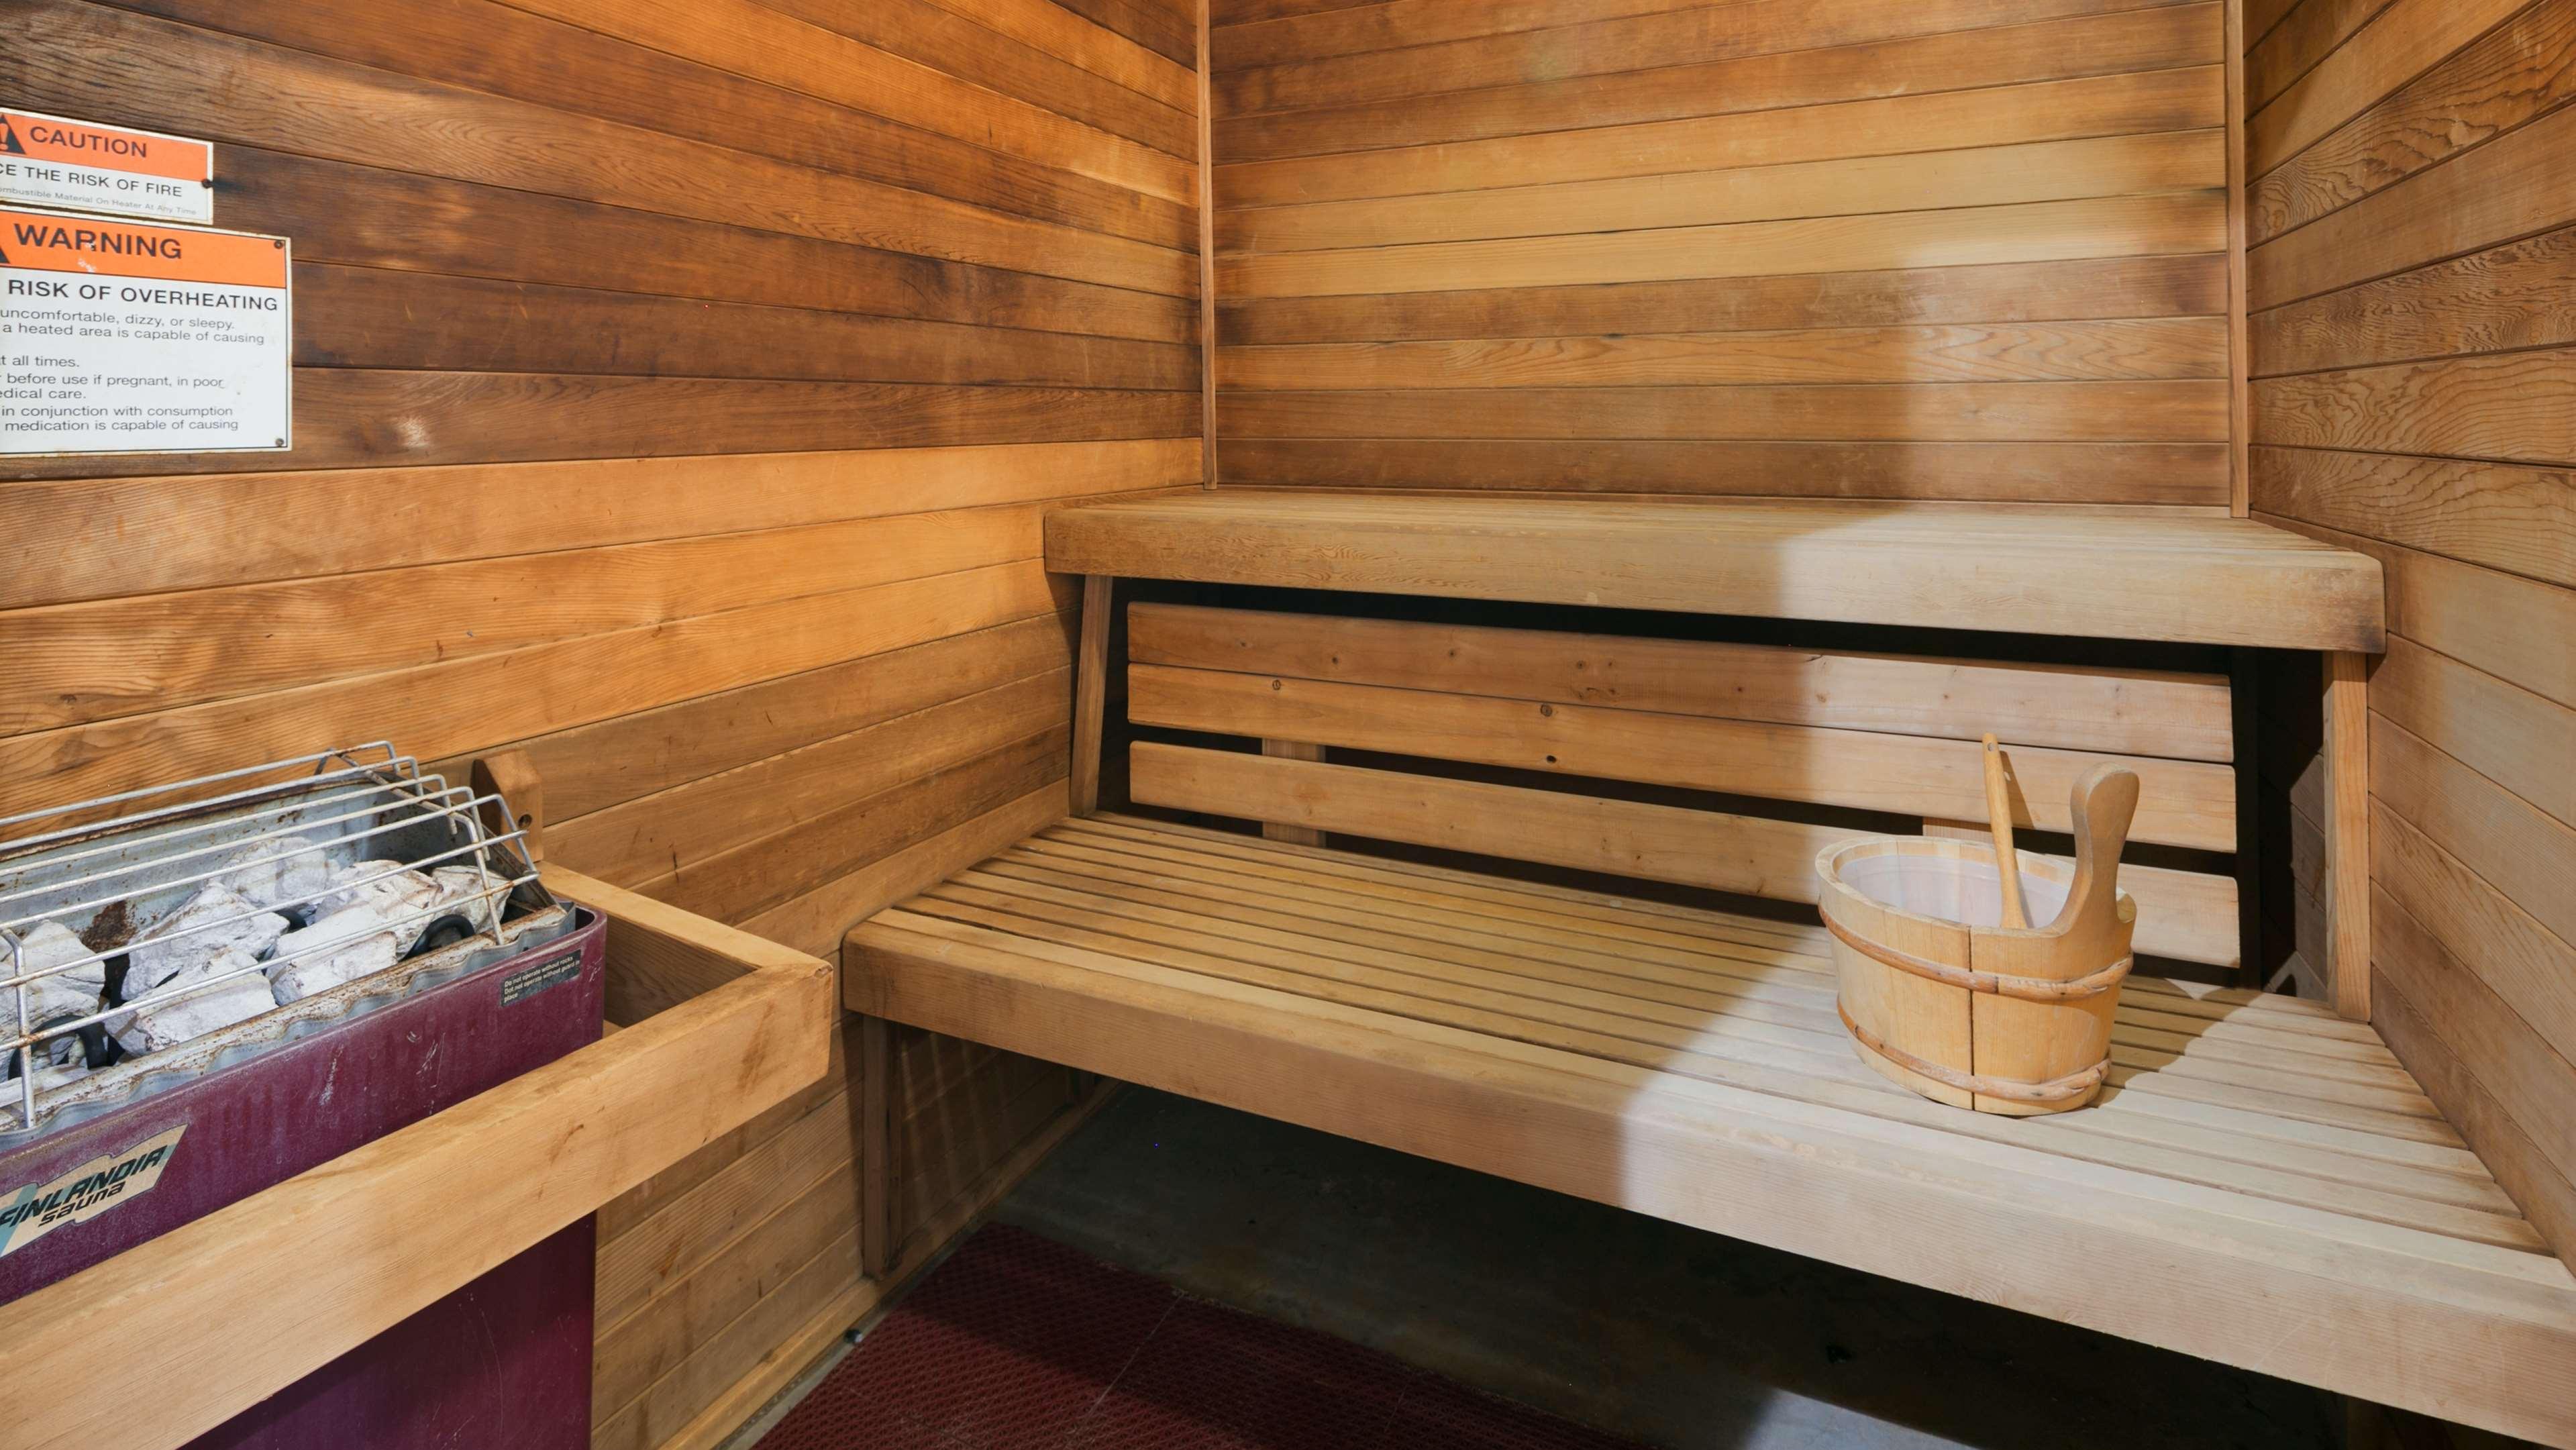 Best Western Plus Parkersville Inn & Suites image 18